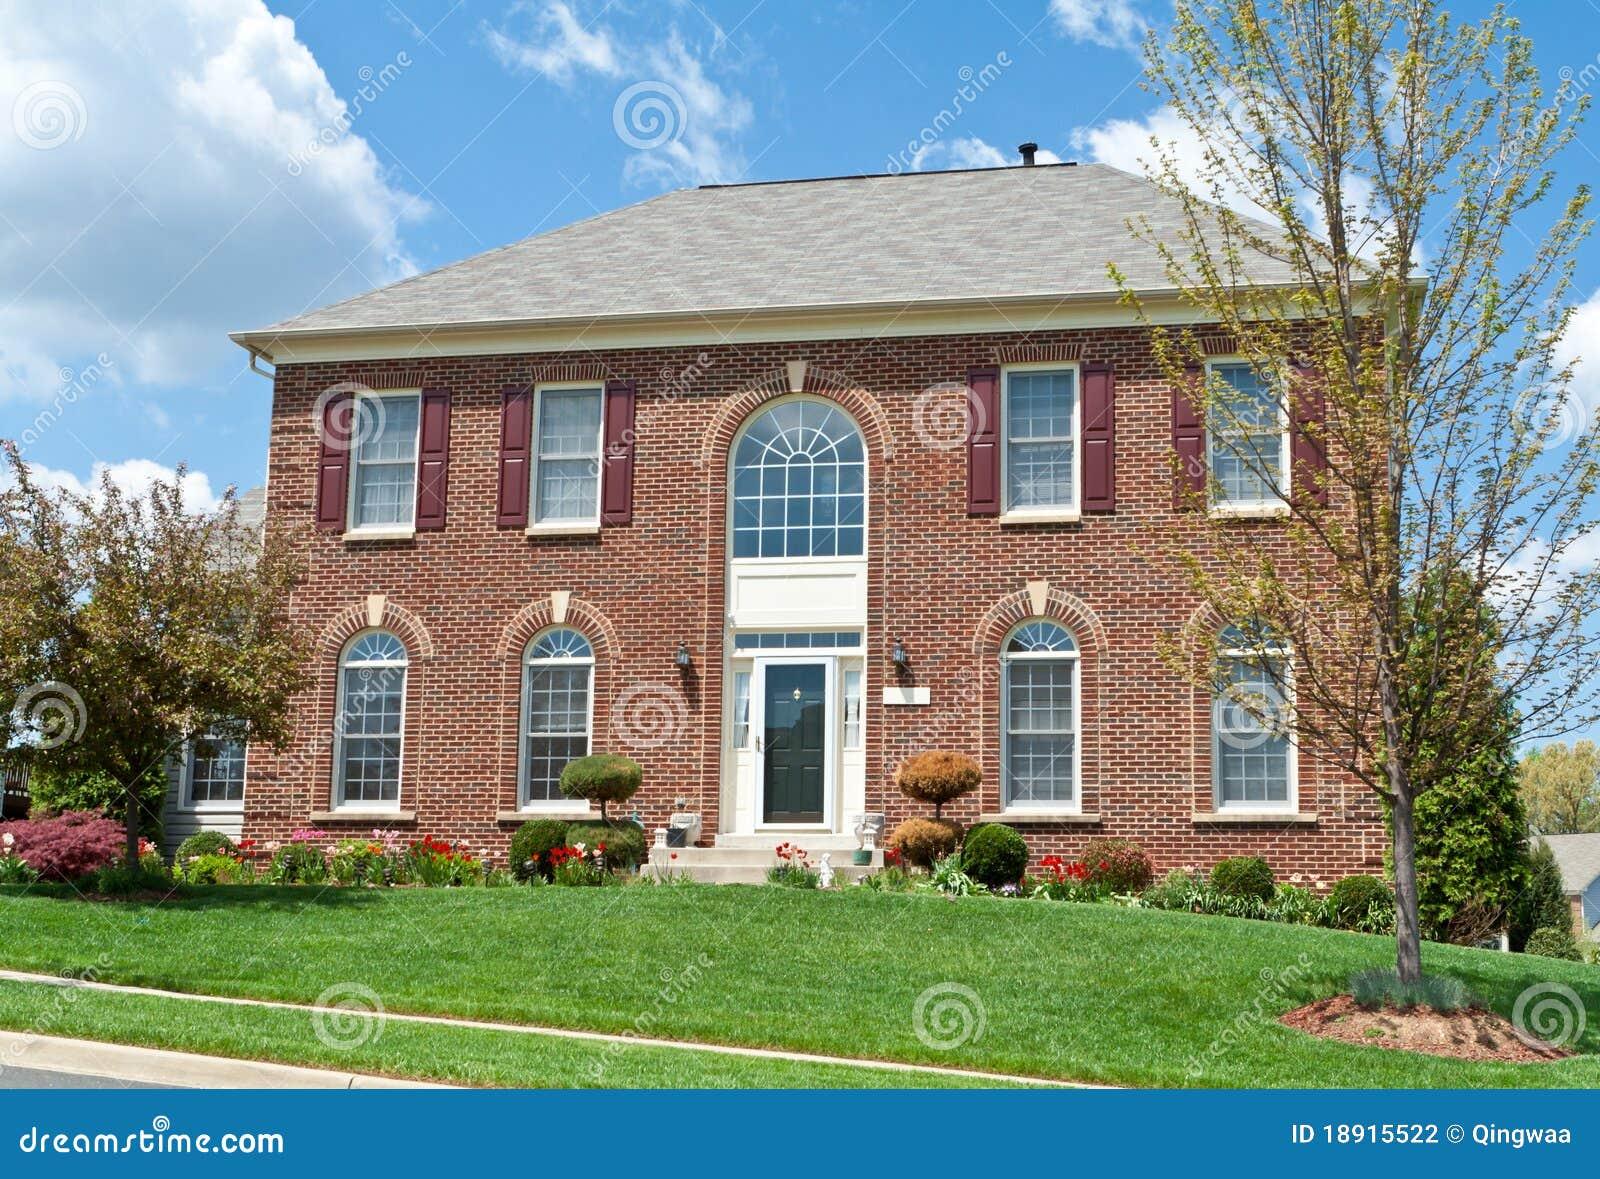 Md unifamiliar los e e u u del hogar de la casa del - La casa del hogar ...